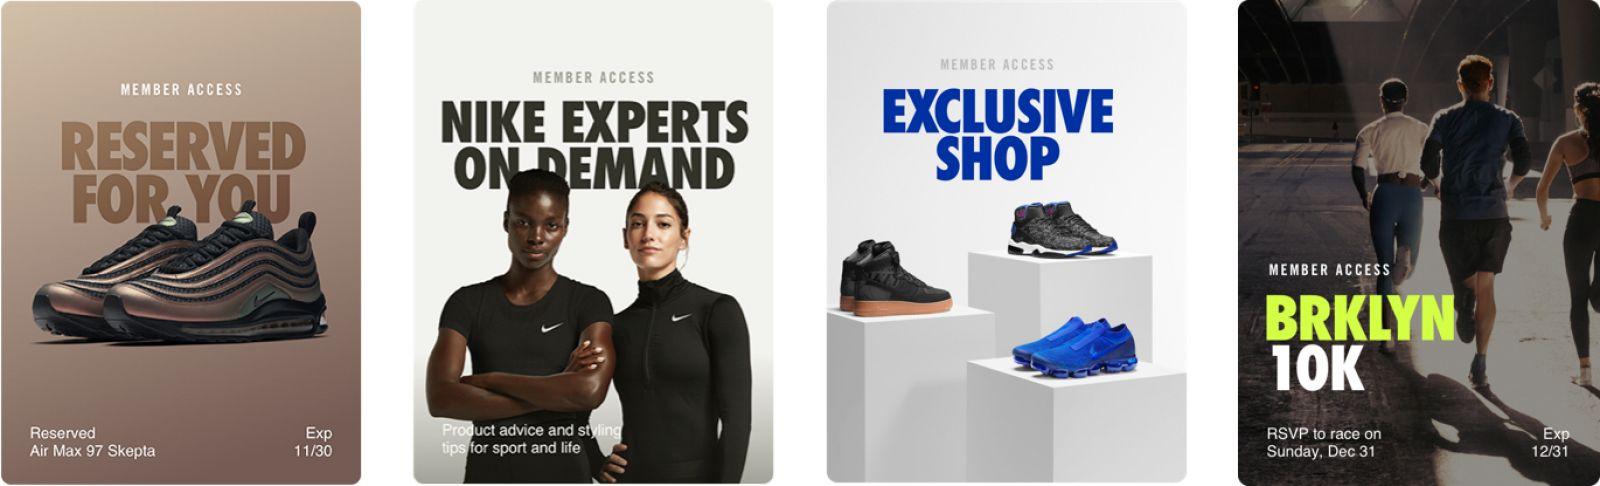 nike APPCDP MEMBERSHIP P2 DT - La transformación digital de Nike